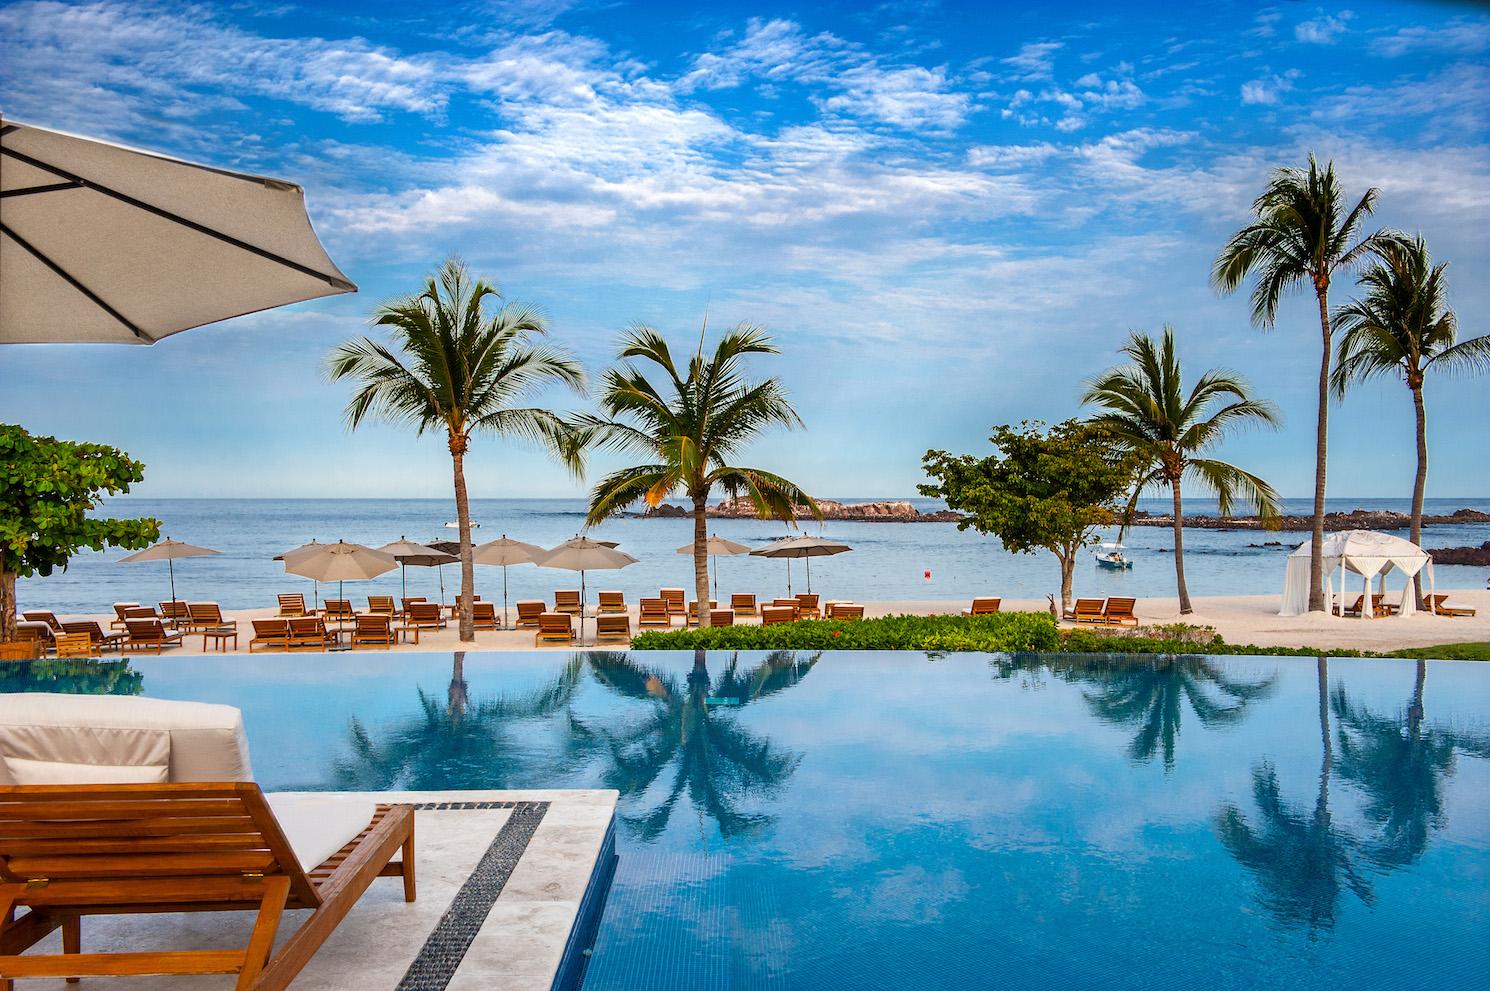 1304_St_Regis_Punta_Mita_Pool_Beach__0206.jpg